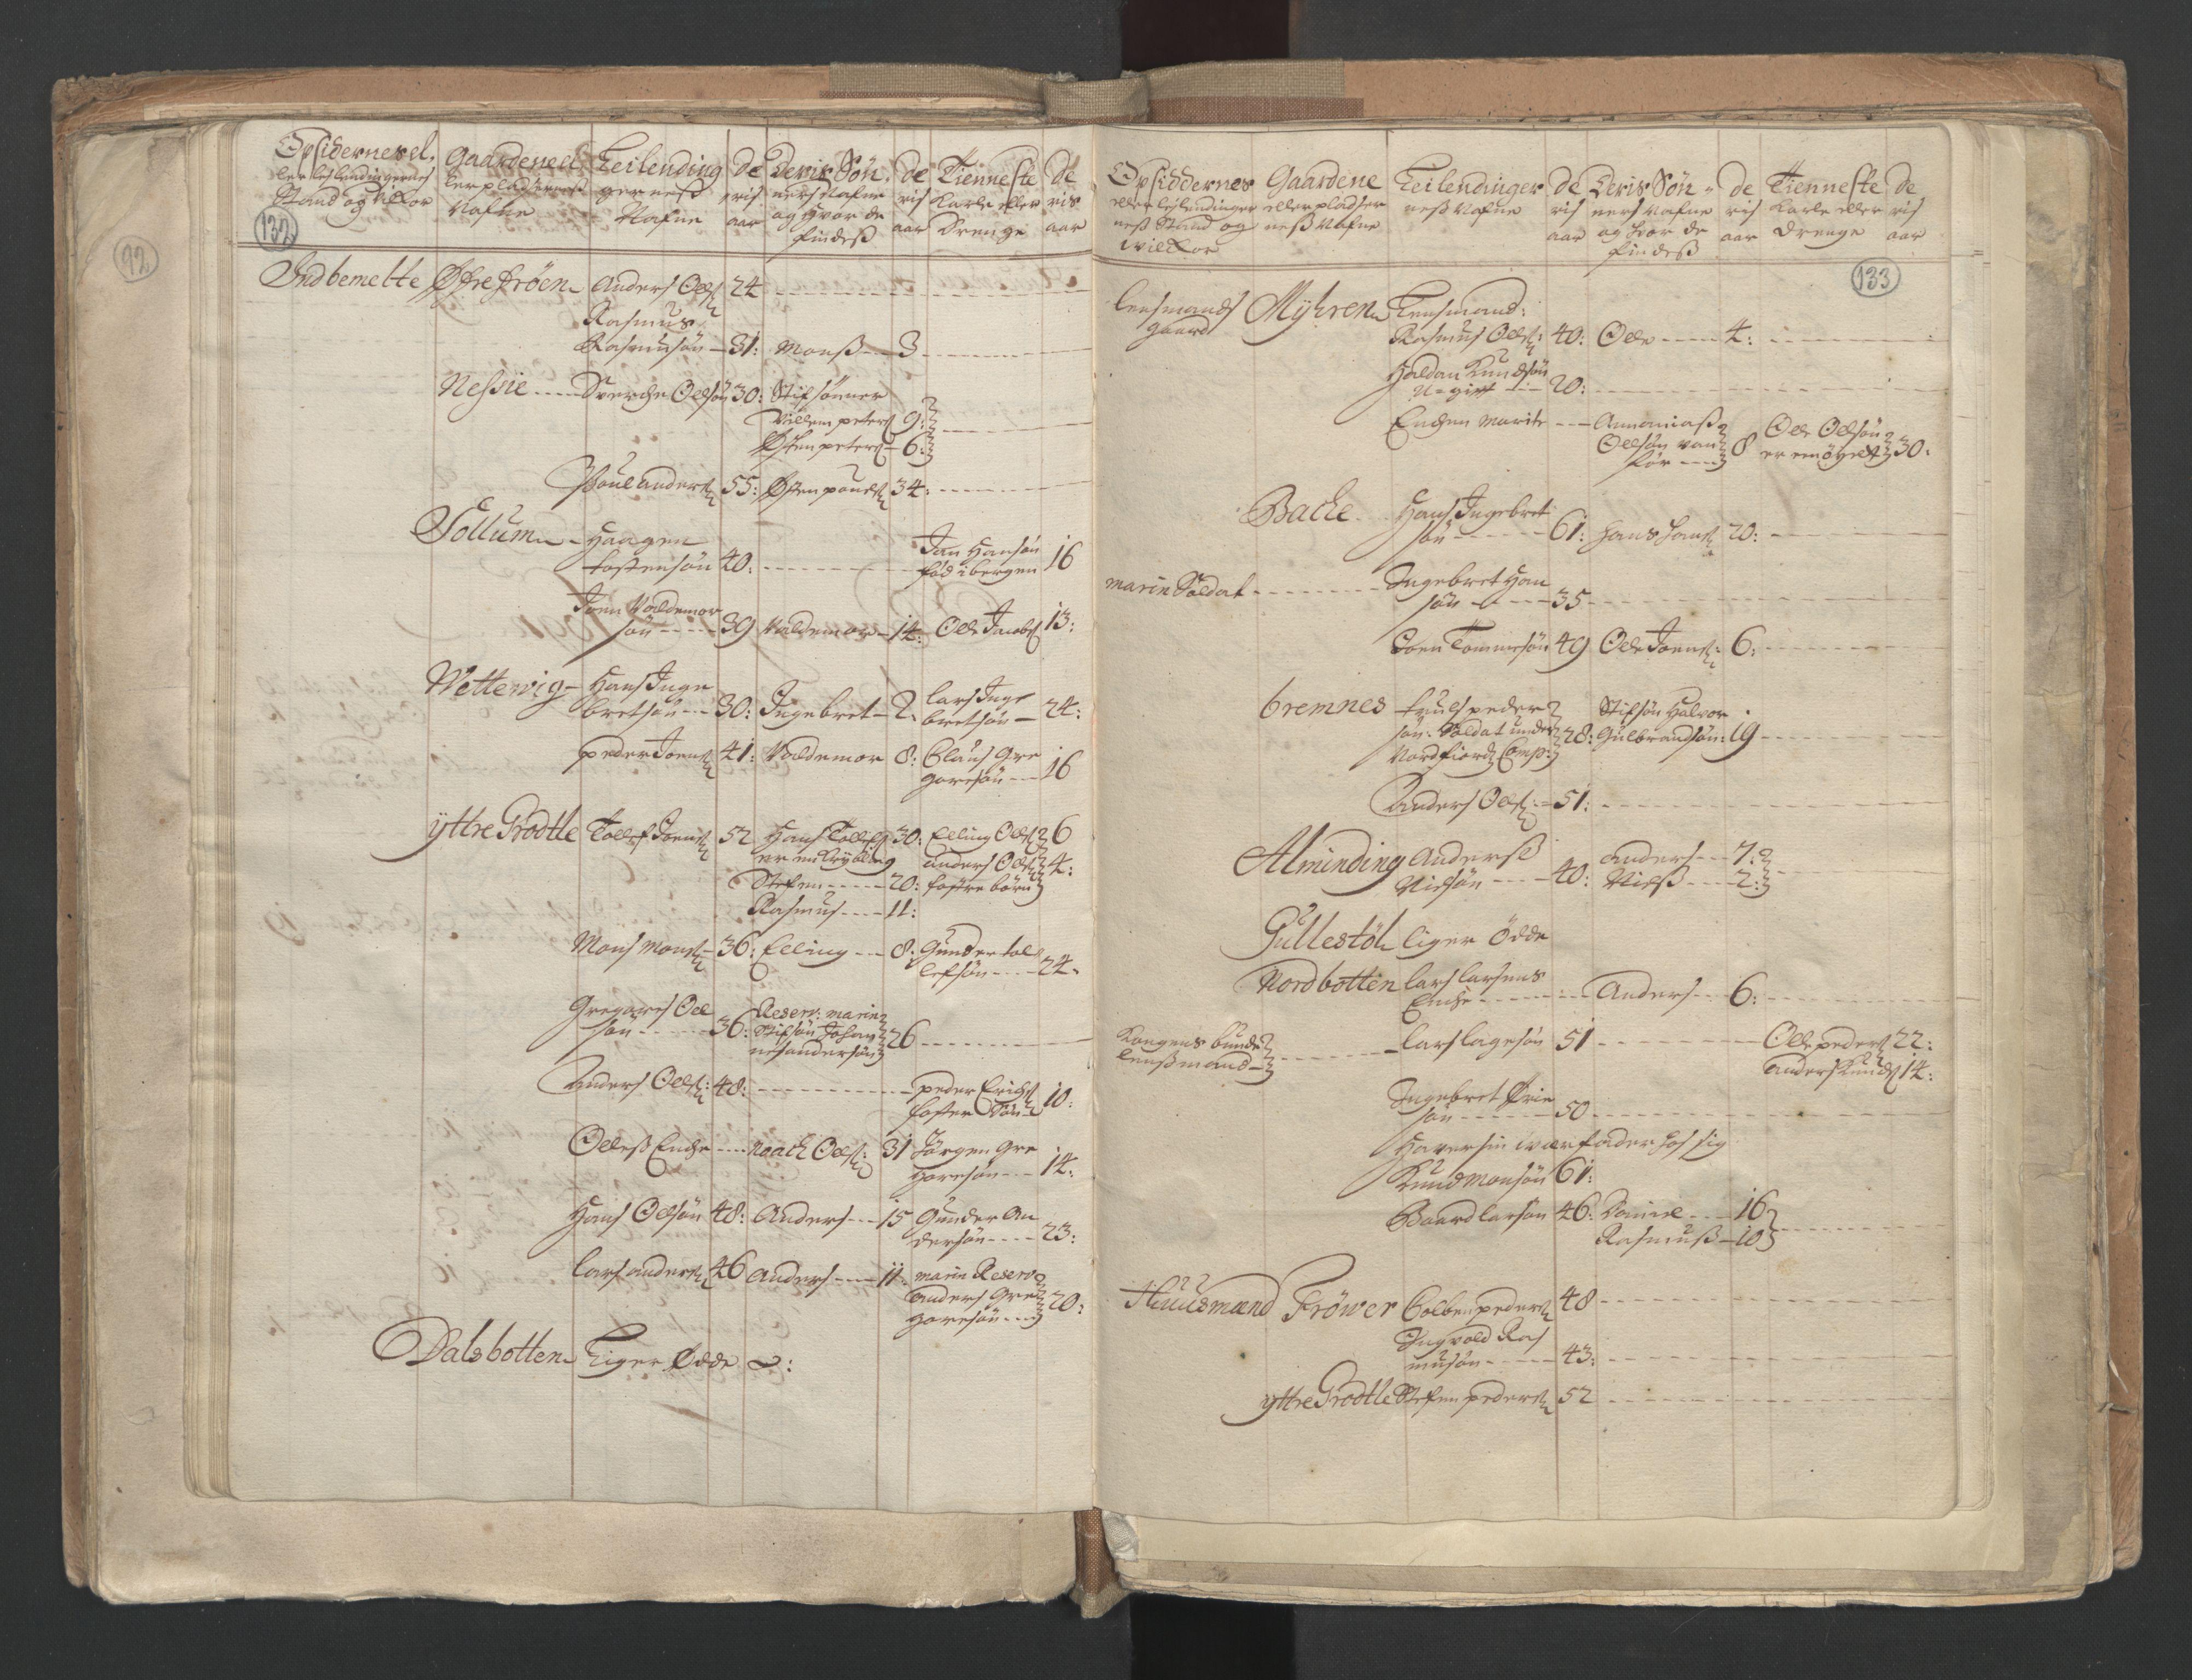 RA, Manntallet 1701, nr. 9: Sunnfjord fogderi, Nordfjord fogderi og Svanø birk, 1701, s. 132-133